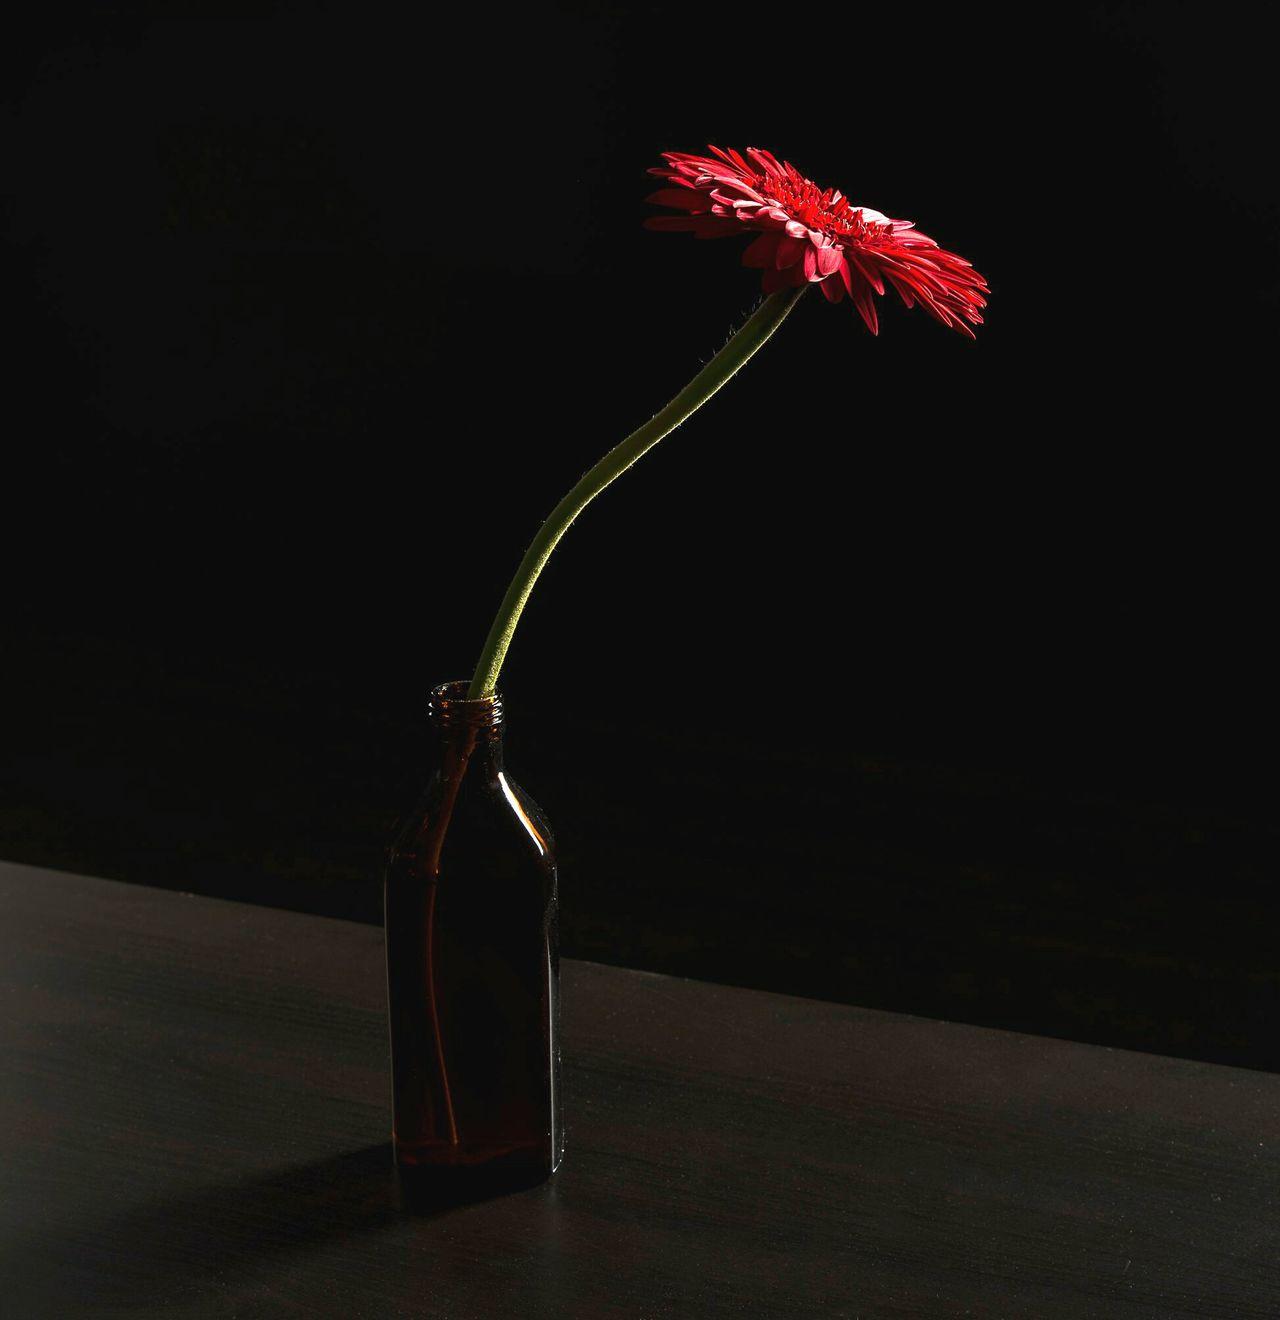 Однажды один мудрый человек промолчал Concert Concept No People Flower Besteyeem 35mm Nikon D750 краснодар EyeEm Russian Team цветок  Conceptual Photography